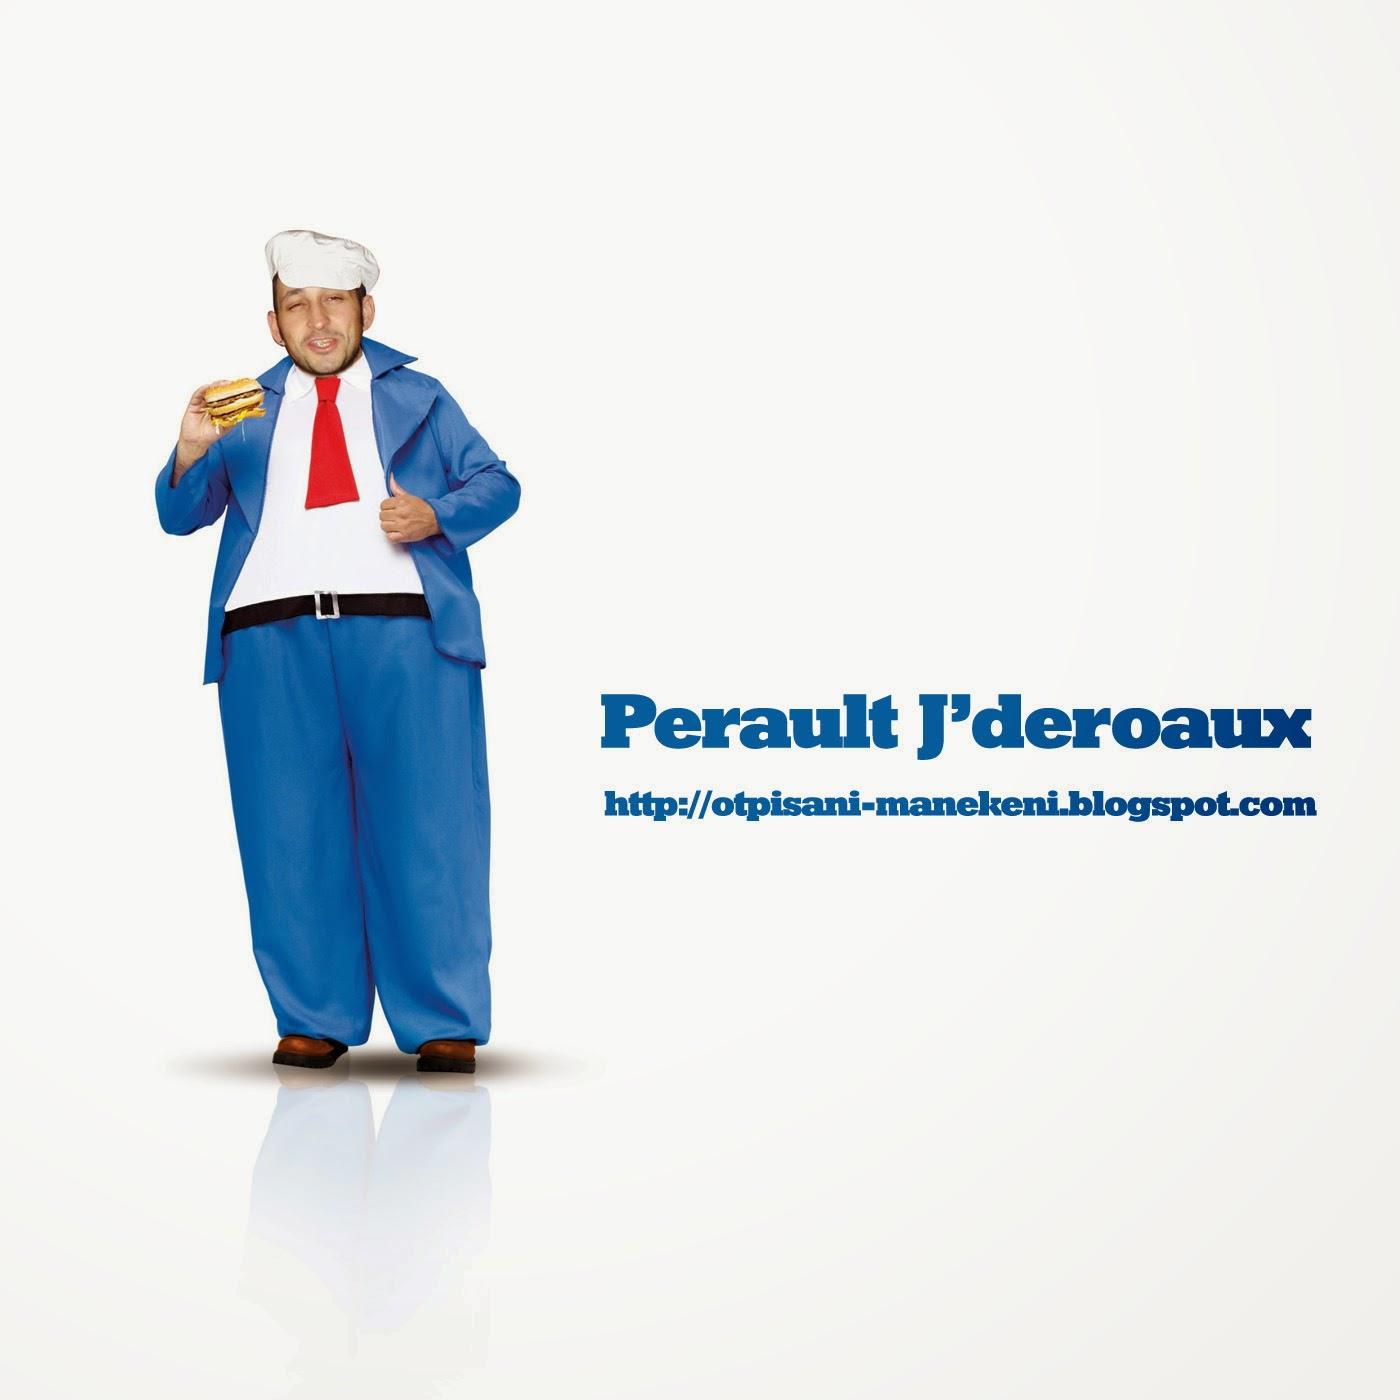 Perault J'deroaux mahmut otpisani manekeni kastav